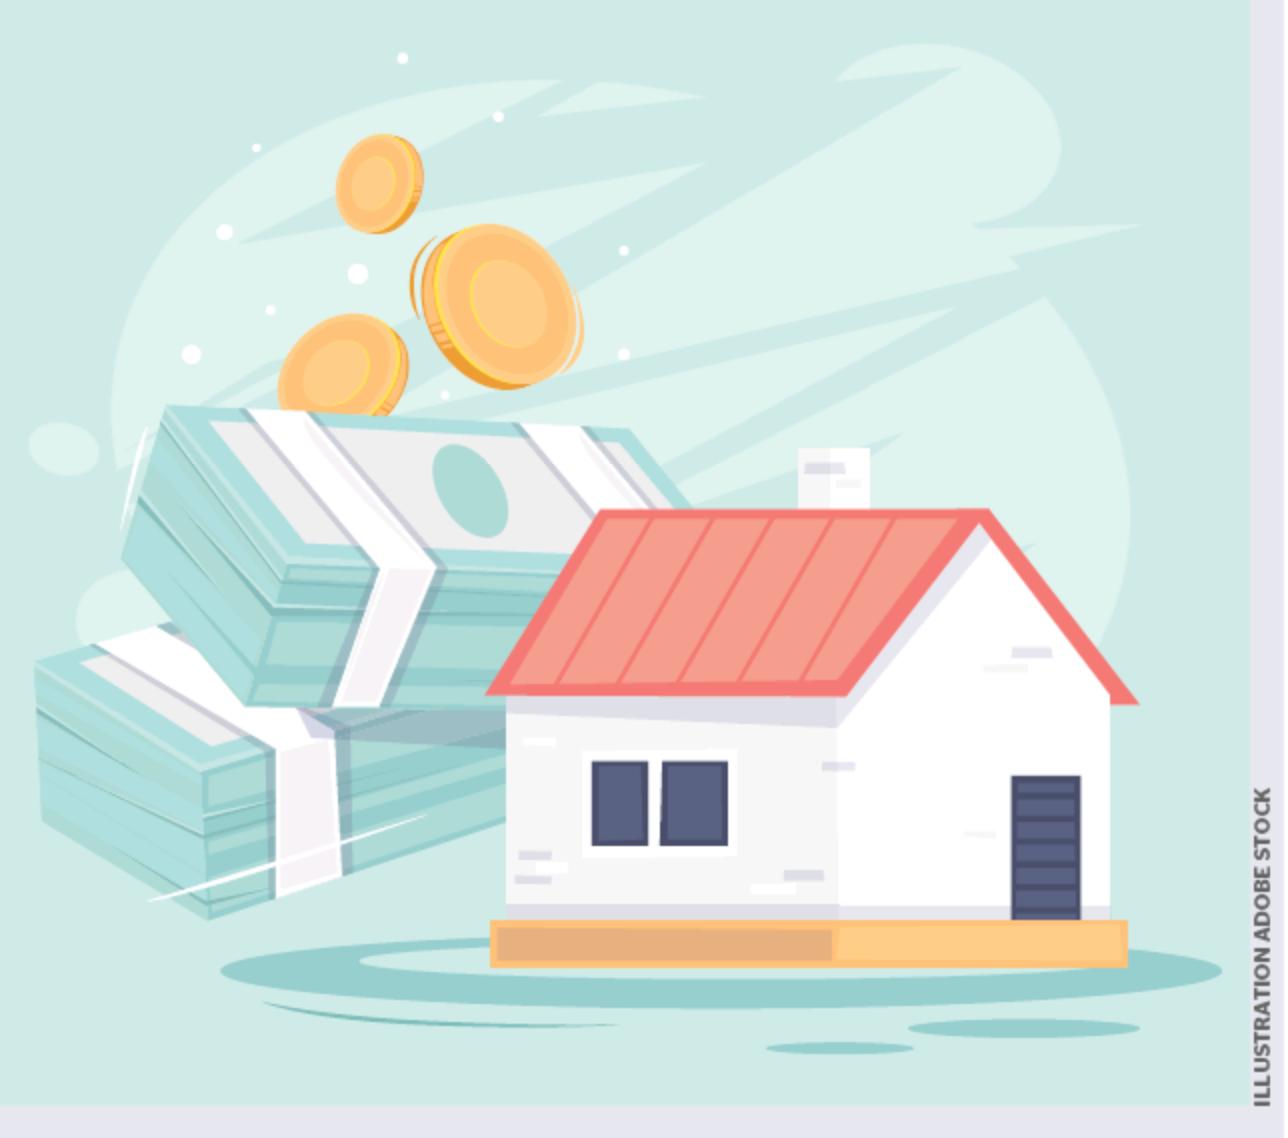 Comment faire de l'argent avec votre maison ?